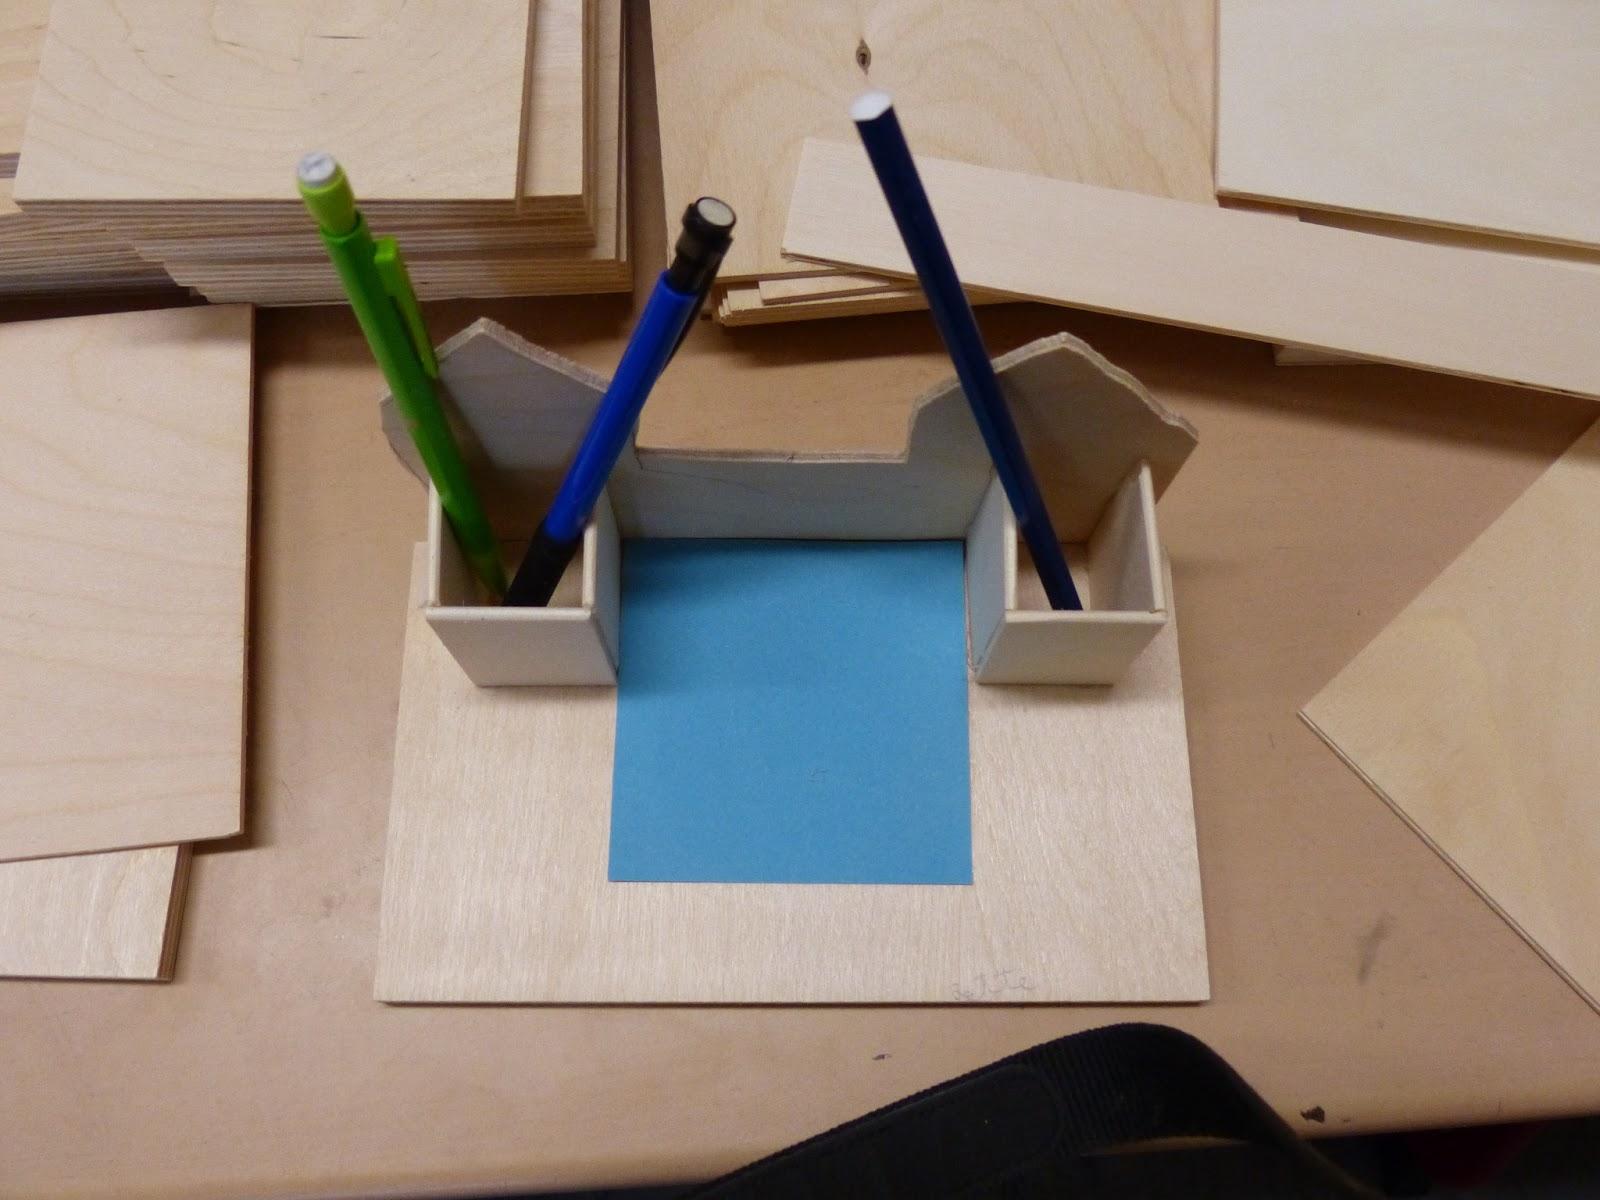 laubs gearbeiten f r und von m dchen und jungs zettelbox stiftehalter aus holz werken in. Black Bedroom Furniture Sets. Home Design Ideas